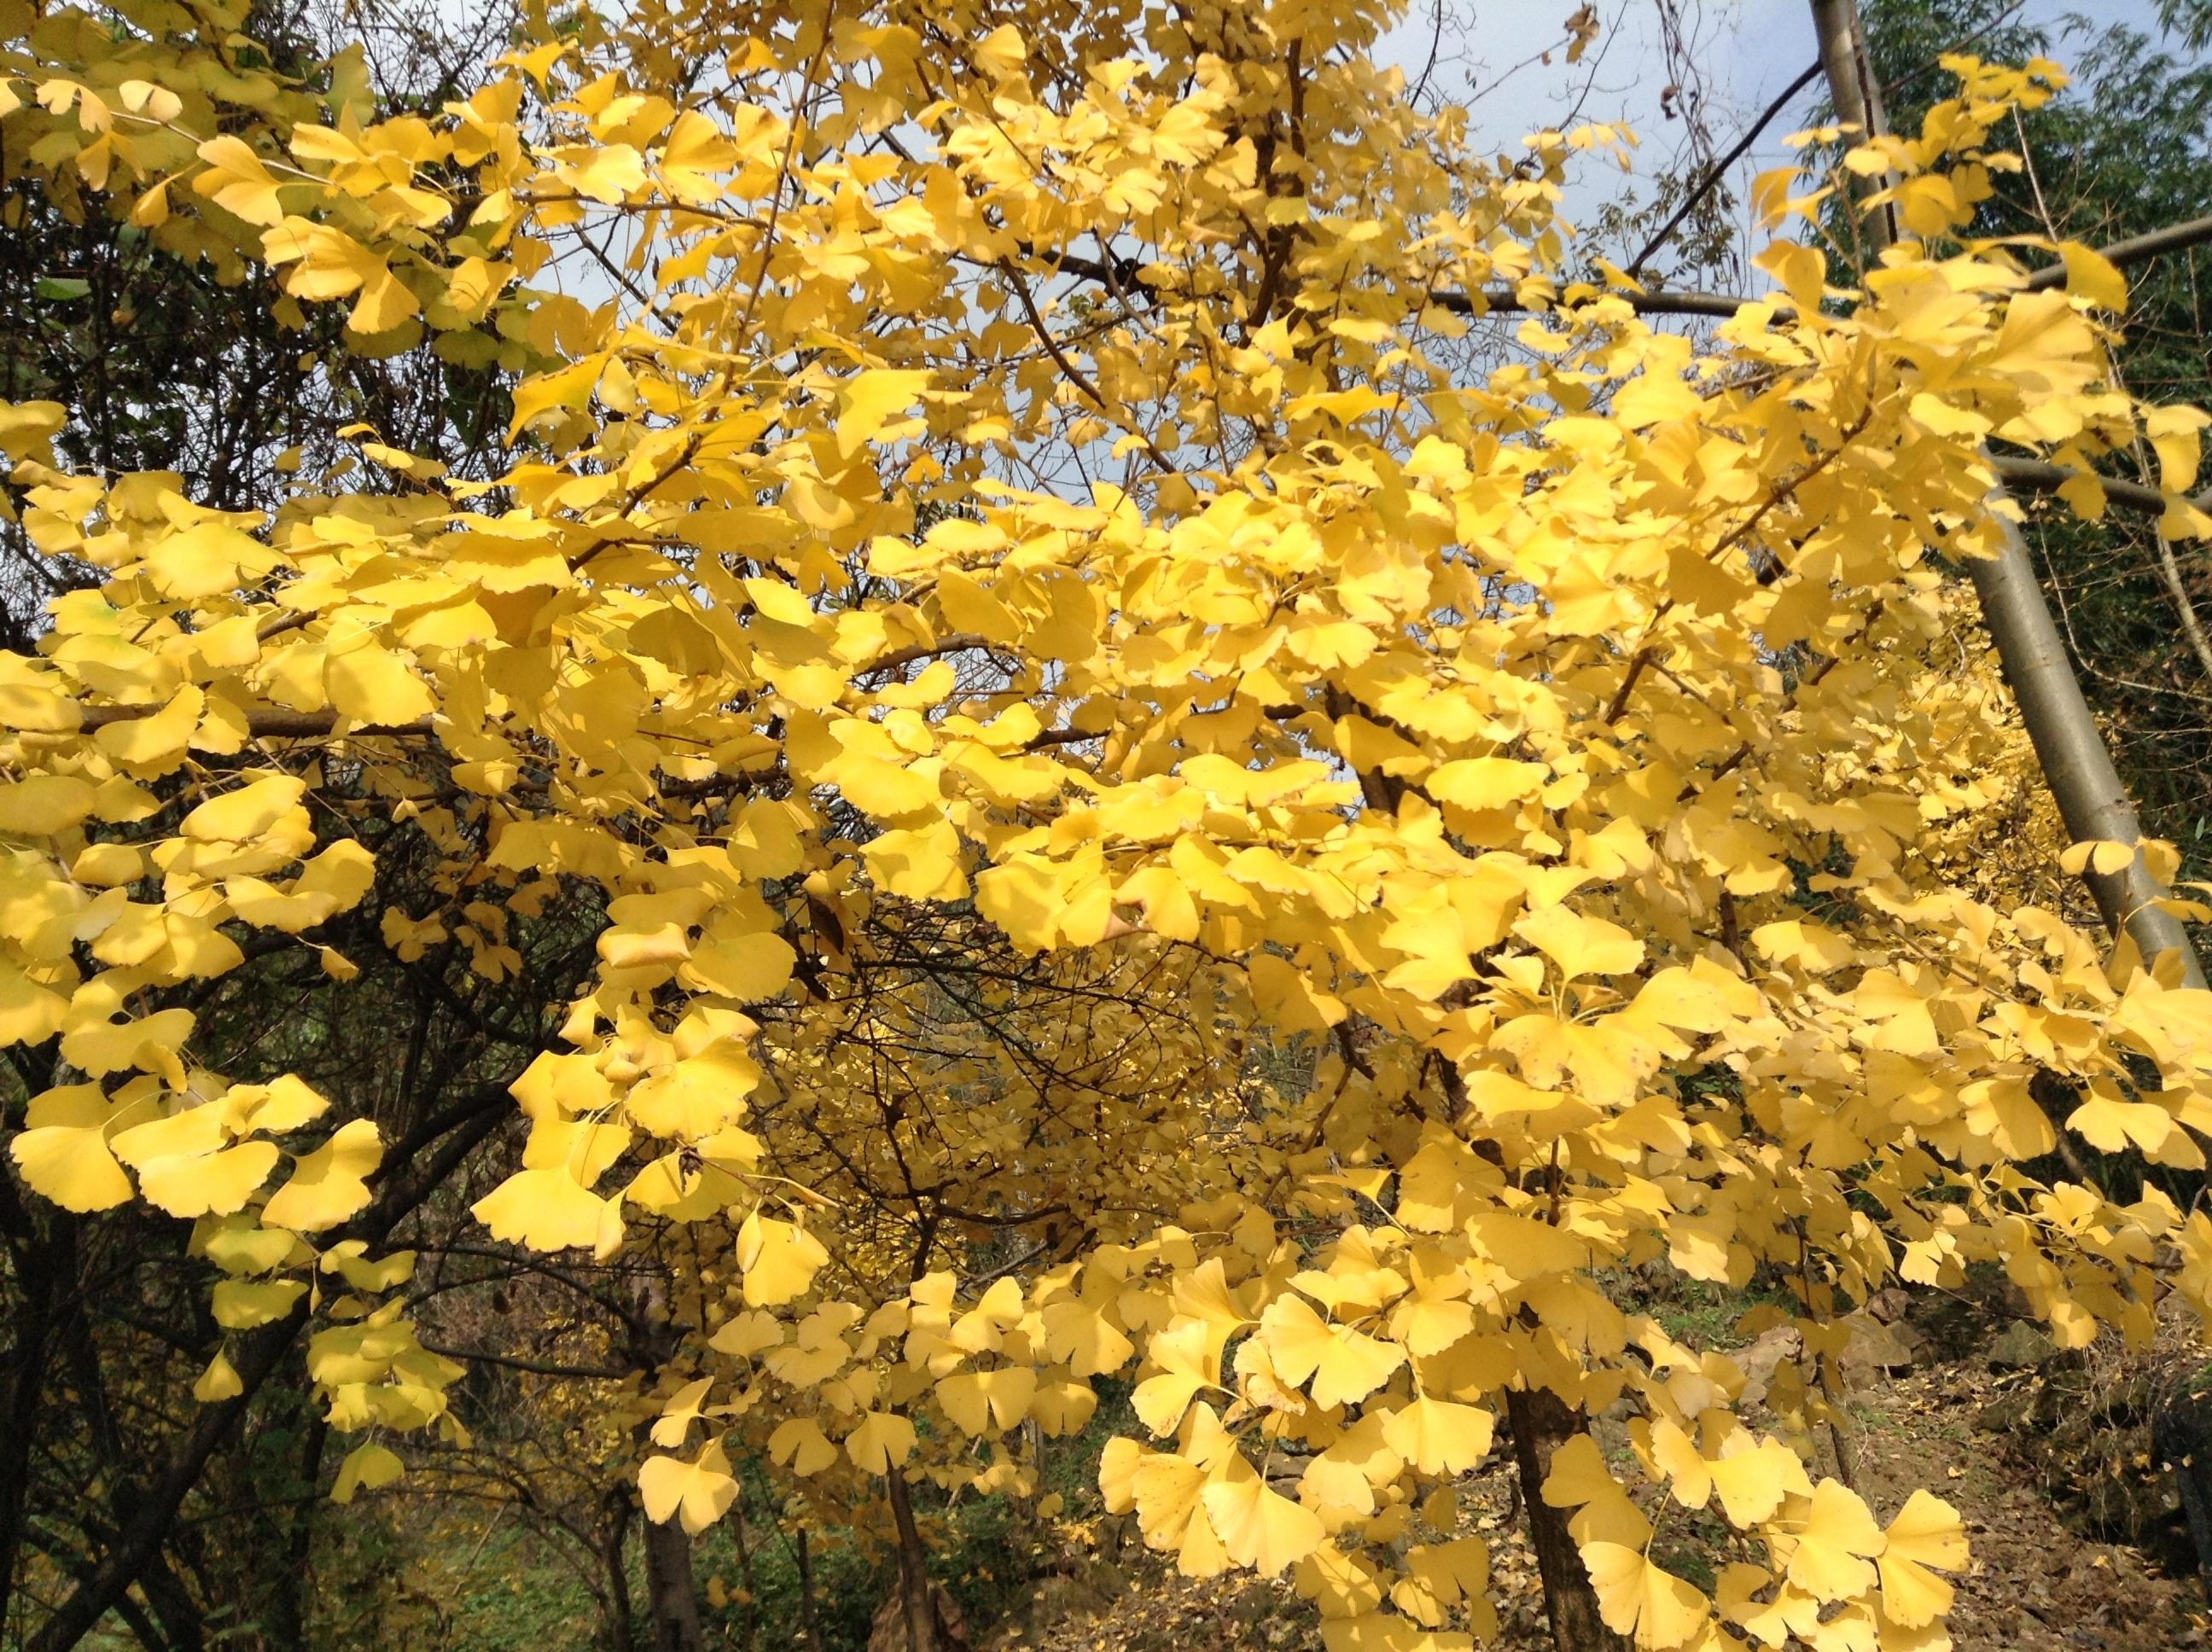 壁纸 风景 森林 银杏 银杏树 银杏叶 桌面 2592_1936